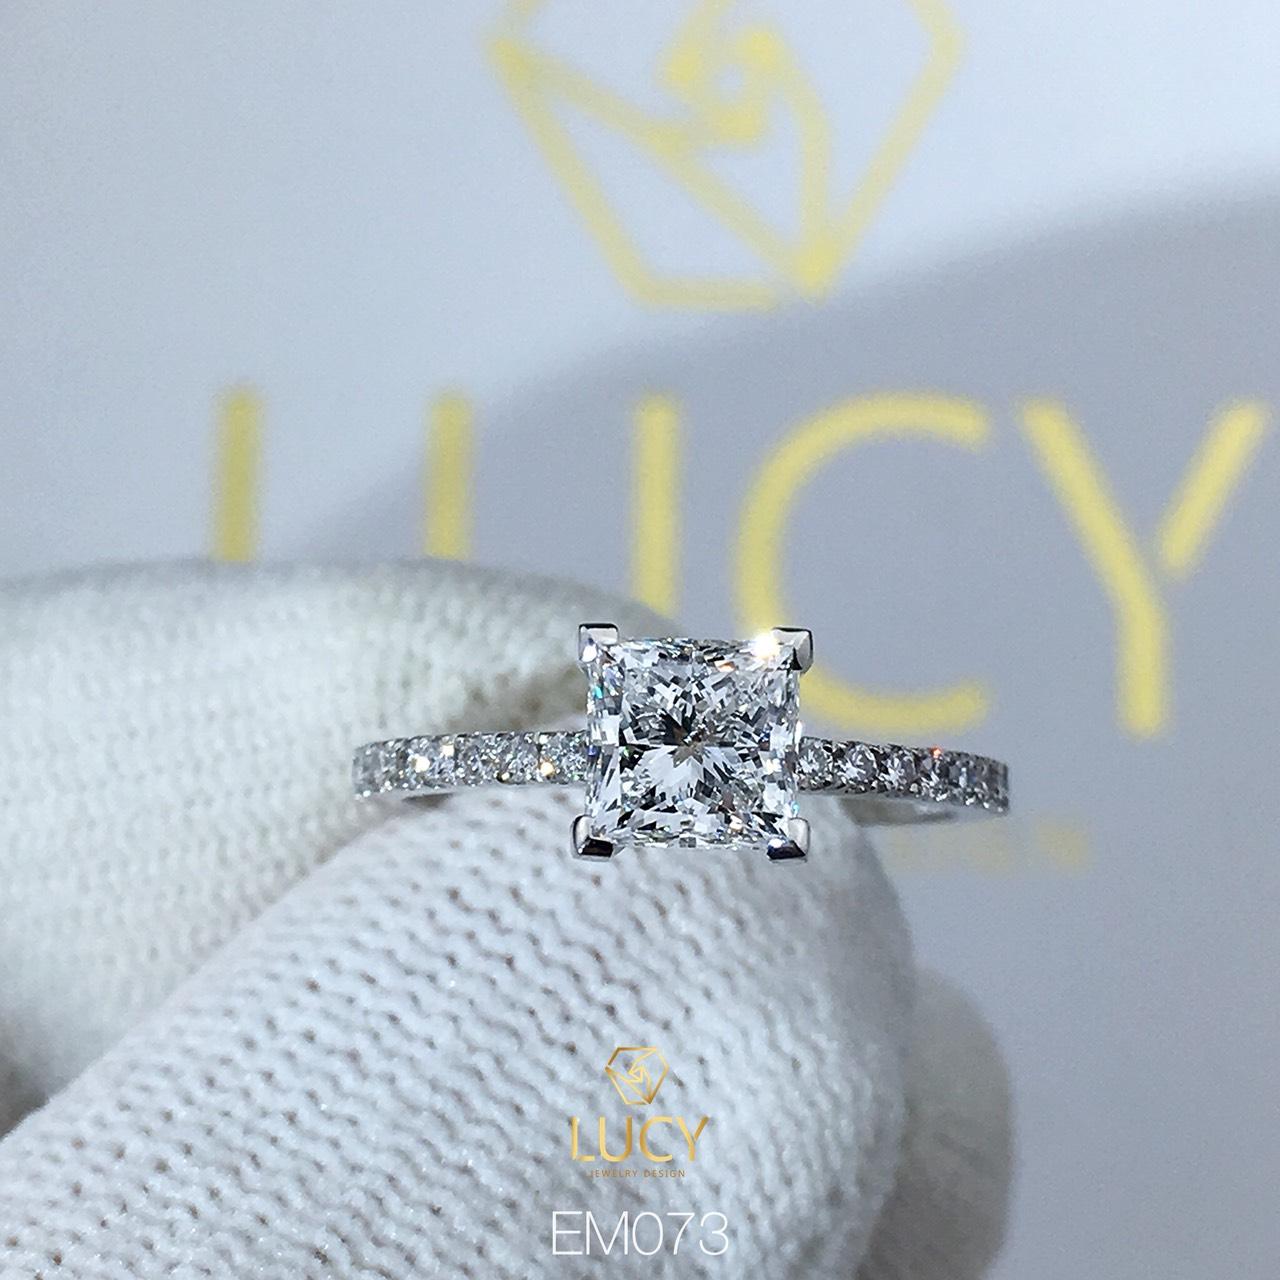 EM073 Nhẫn nữ vàng, nhẫn ổ kim cương vuông Princess 5mm 5.5mm, nhẫn nữ thiết kế, nhẫn cầu hôn, nhẫn đính hôn - Lucy Jewelry